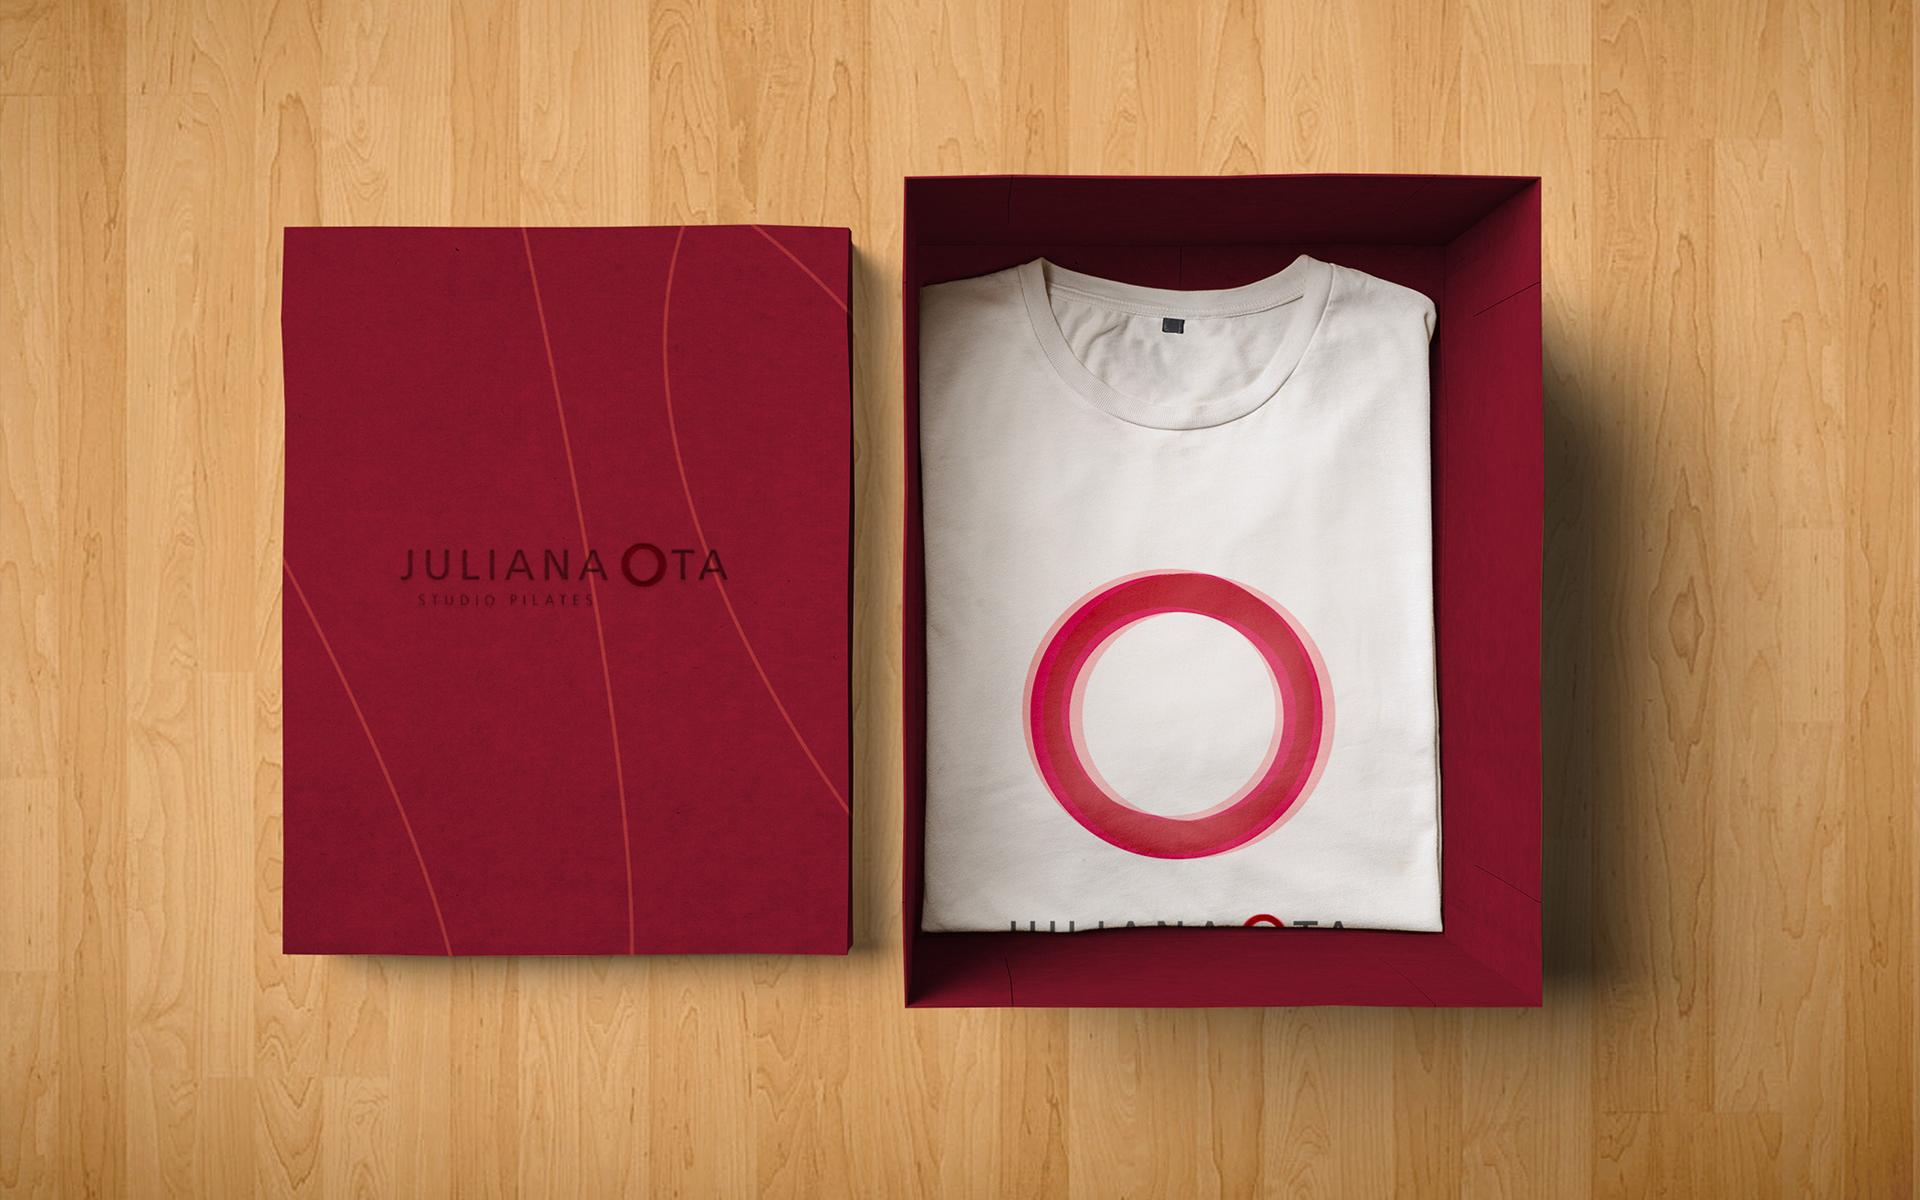 Case juliana ota Imagem 8